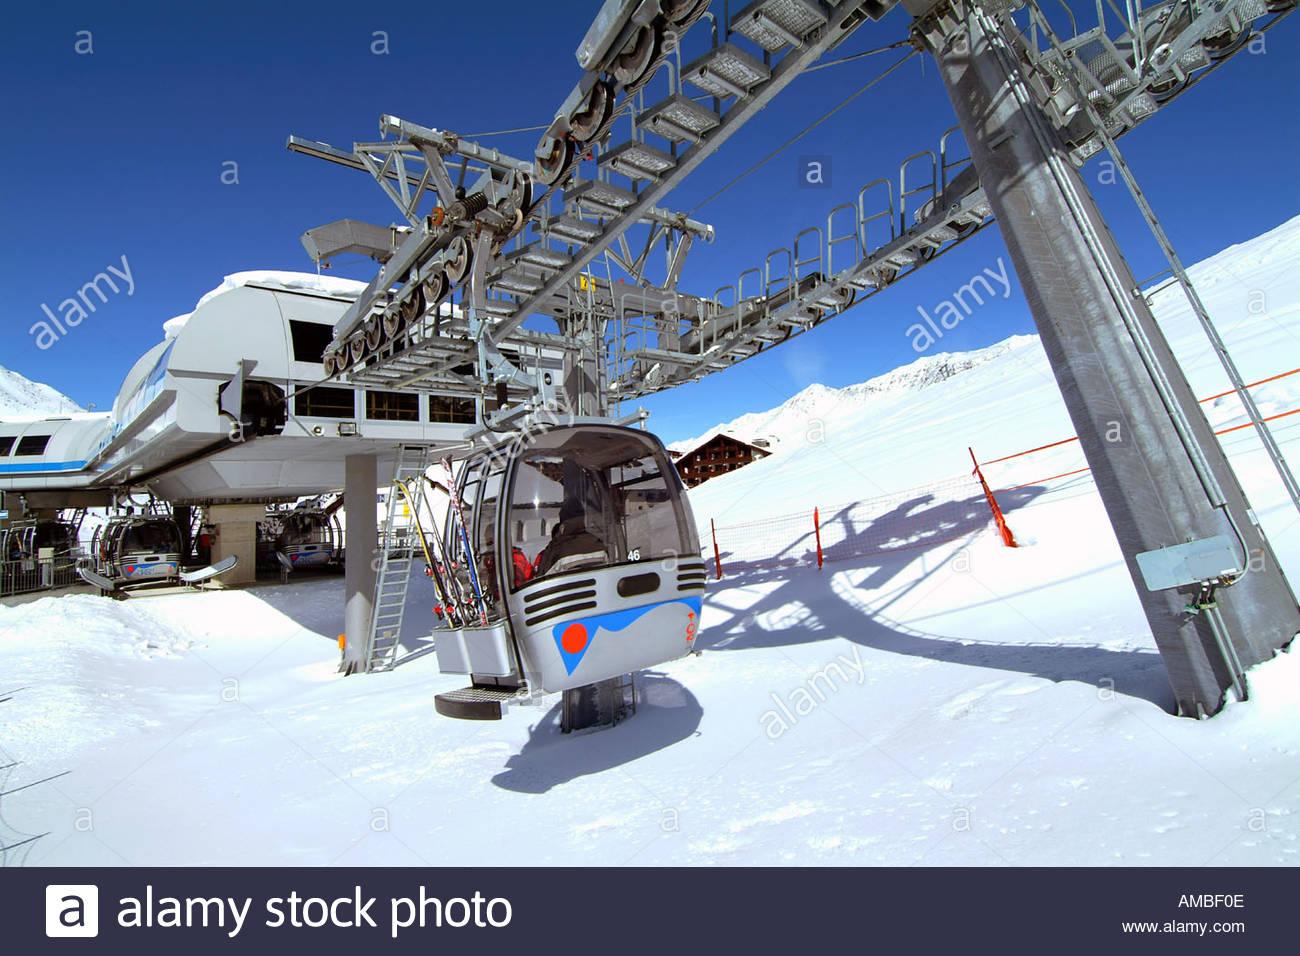 Aerial Gondola Ski Lift